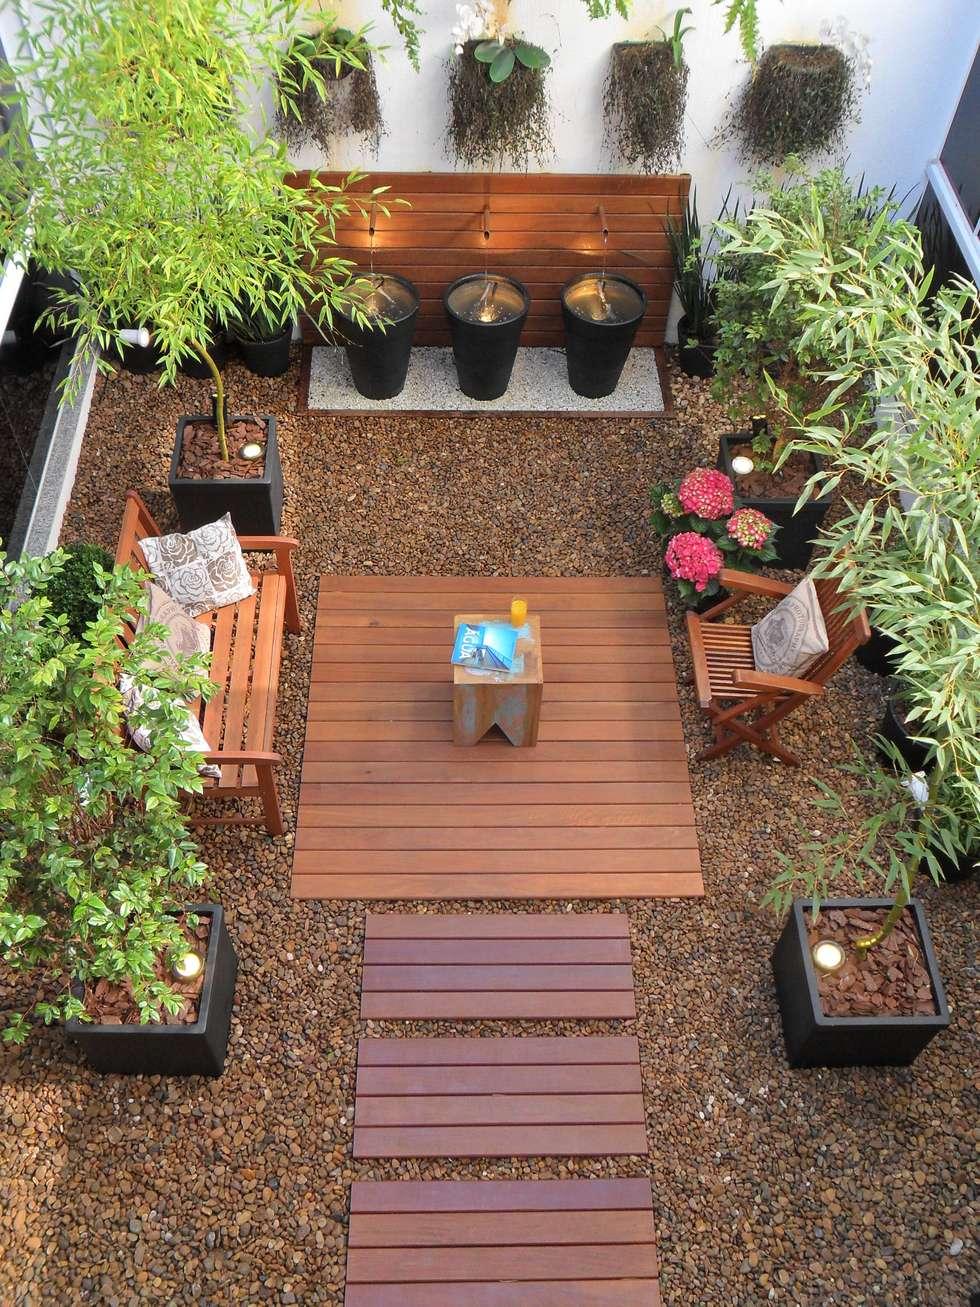 Fotos de decoraci n y dise o de interiores homify for Jardines con encanto fotos